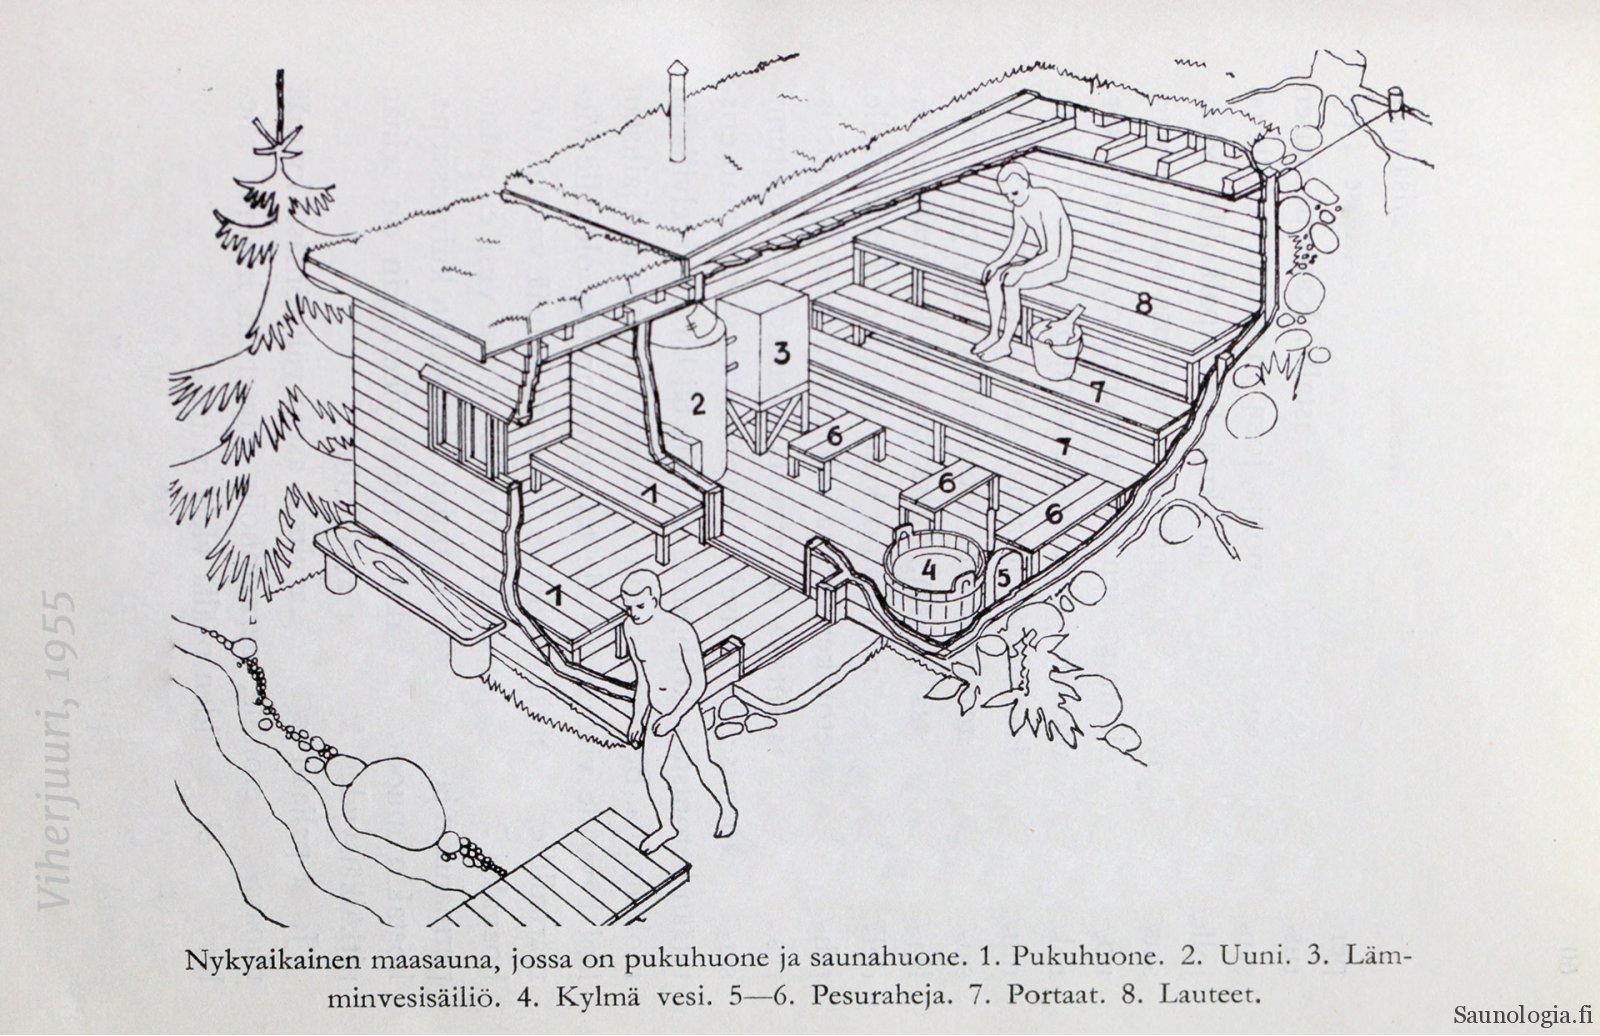 1955-viherjuuri-nykyaikainen-maasauna_6311